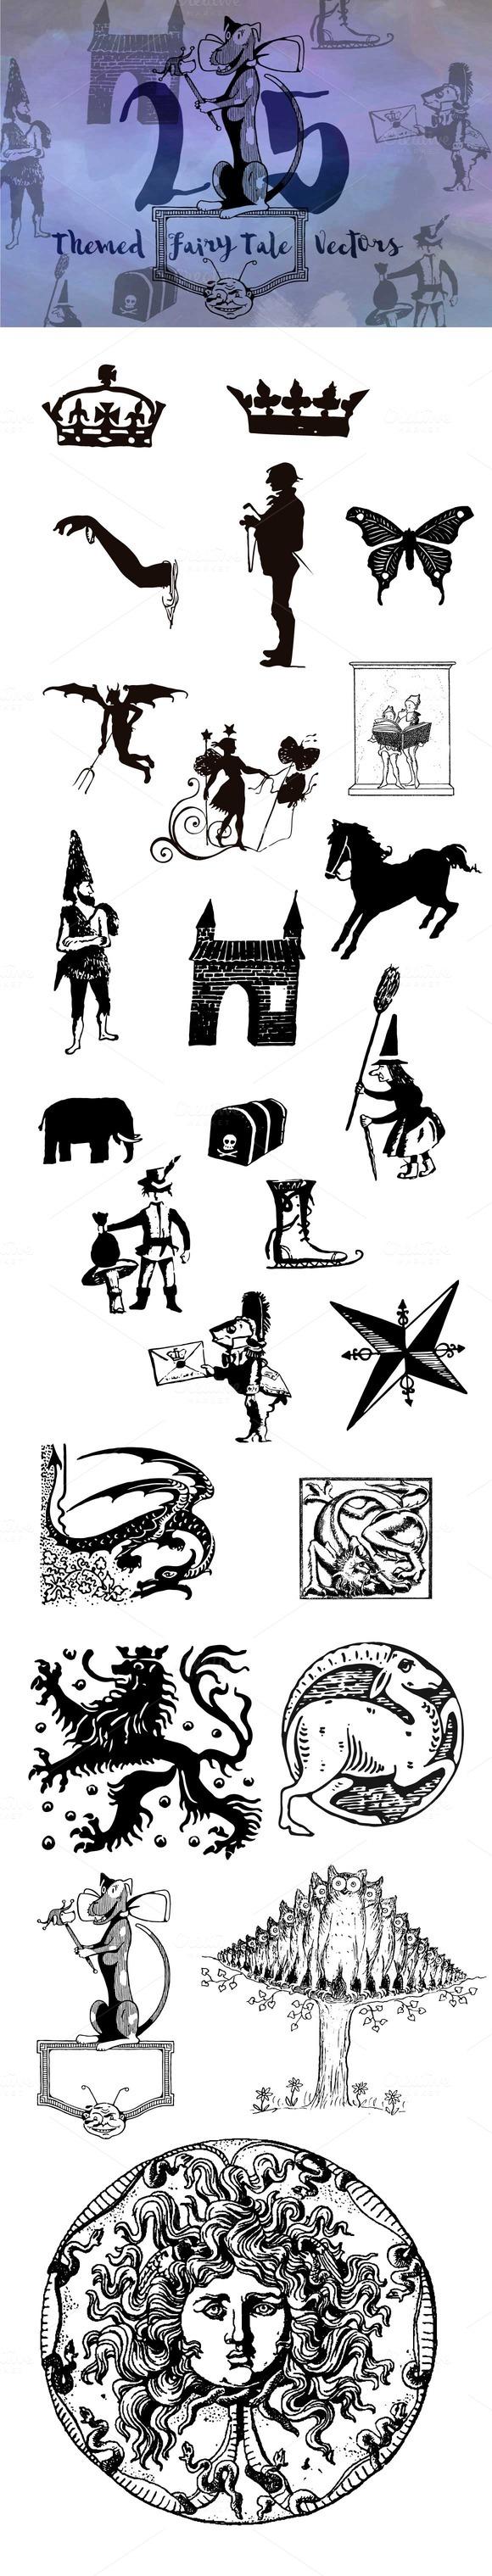 25 Fairy Tale Themed Vectors